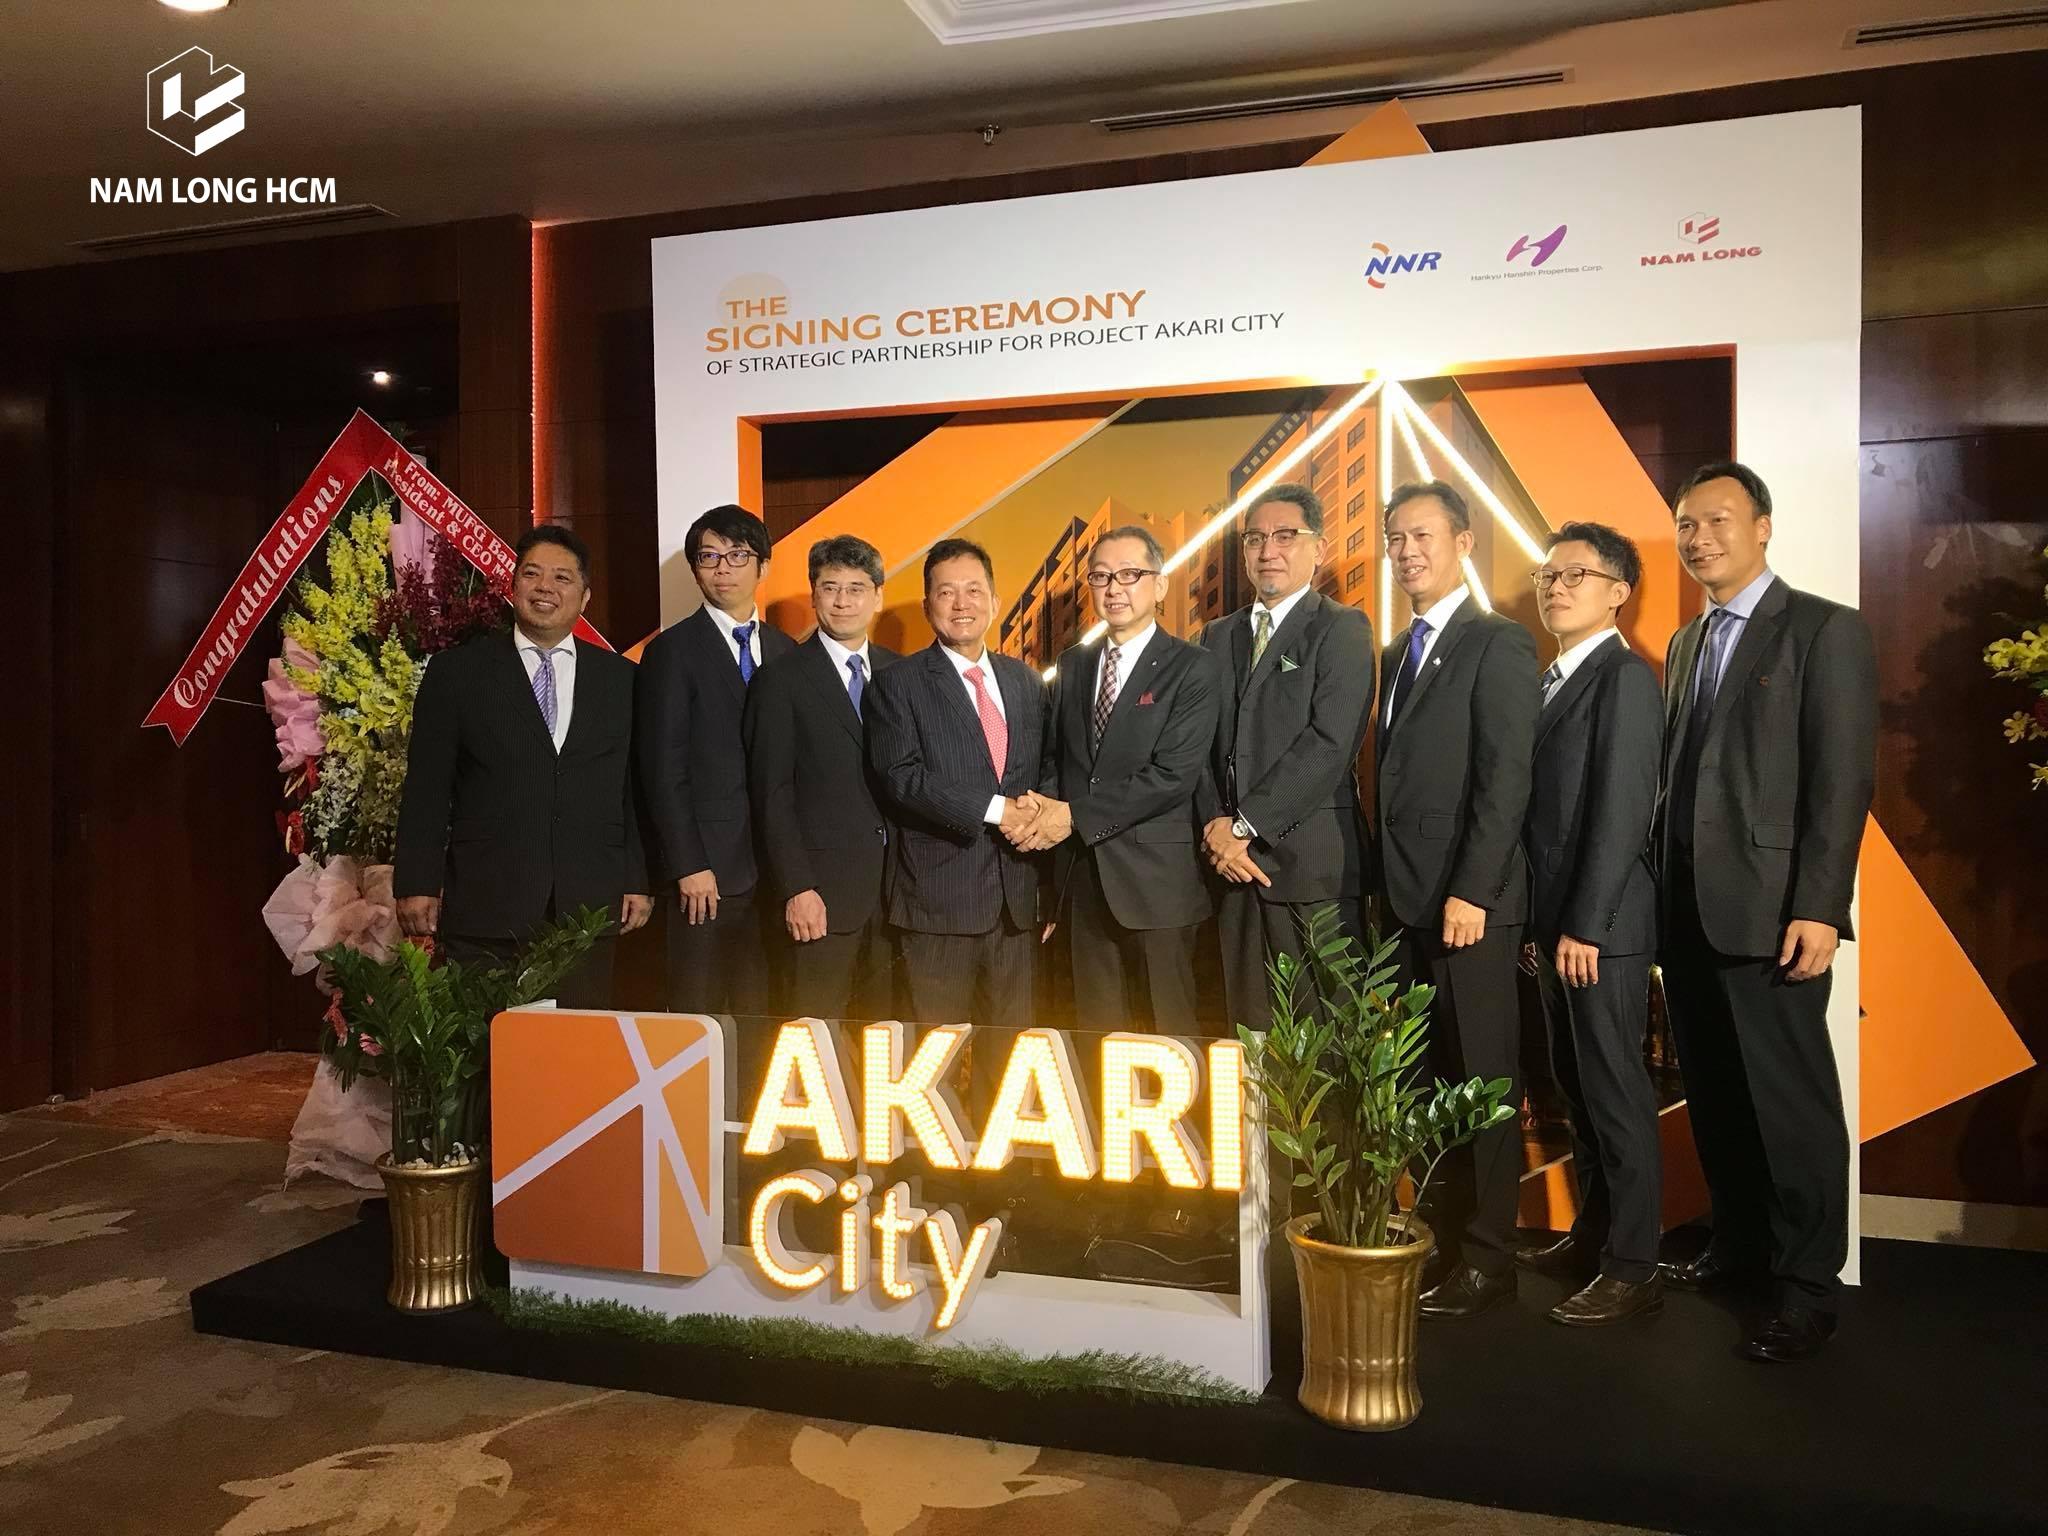 Lễ ký kết hợp tác giữa Nam Long và hai đối tác Nhật Bản phát triển dự án Akari City Bình Tân. Nam Long HCM